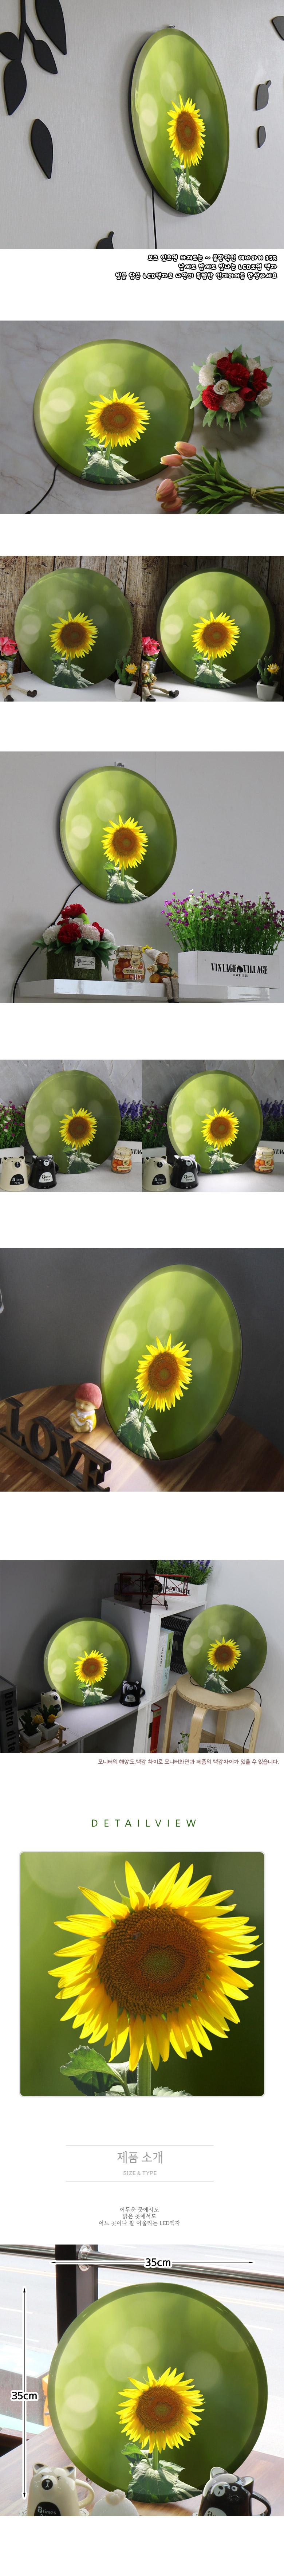 LED액자35R_몽환적인해바라기 - 꾸밈, 59,000원, 포인트조명, 터치조명